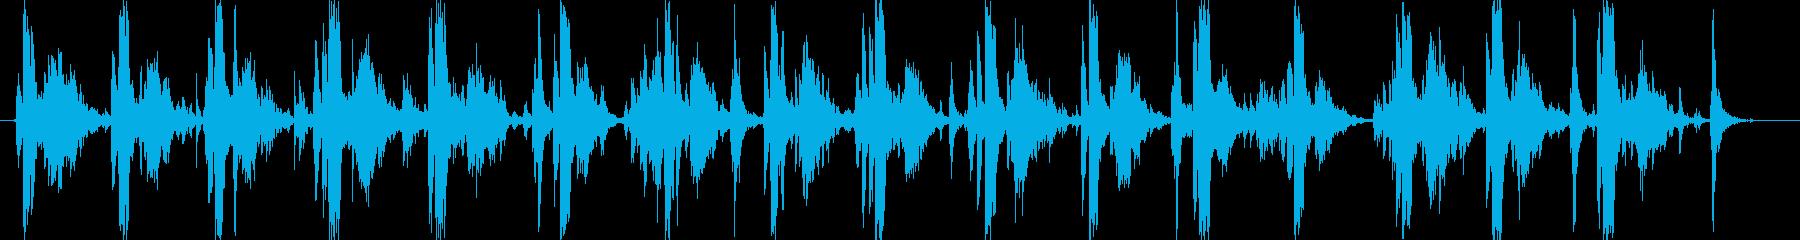 タイプライターの音(強化版)16連打の再生済みの波形